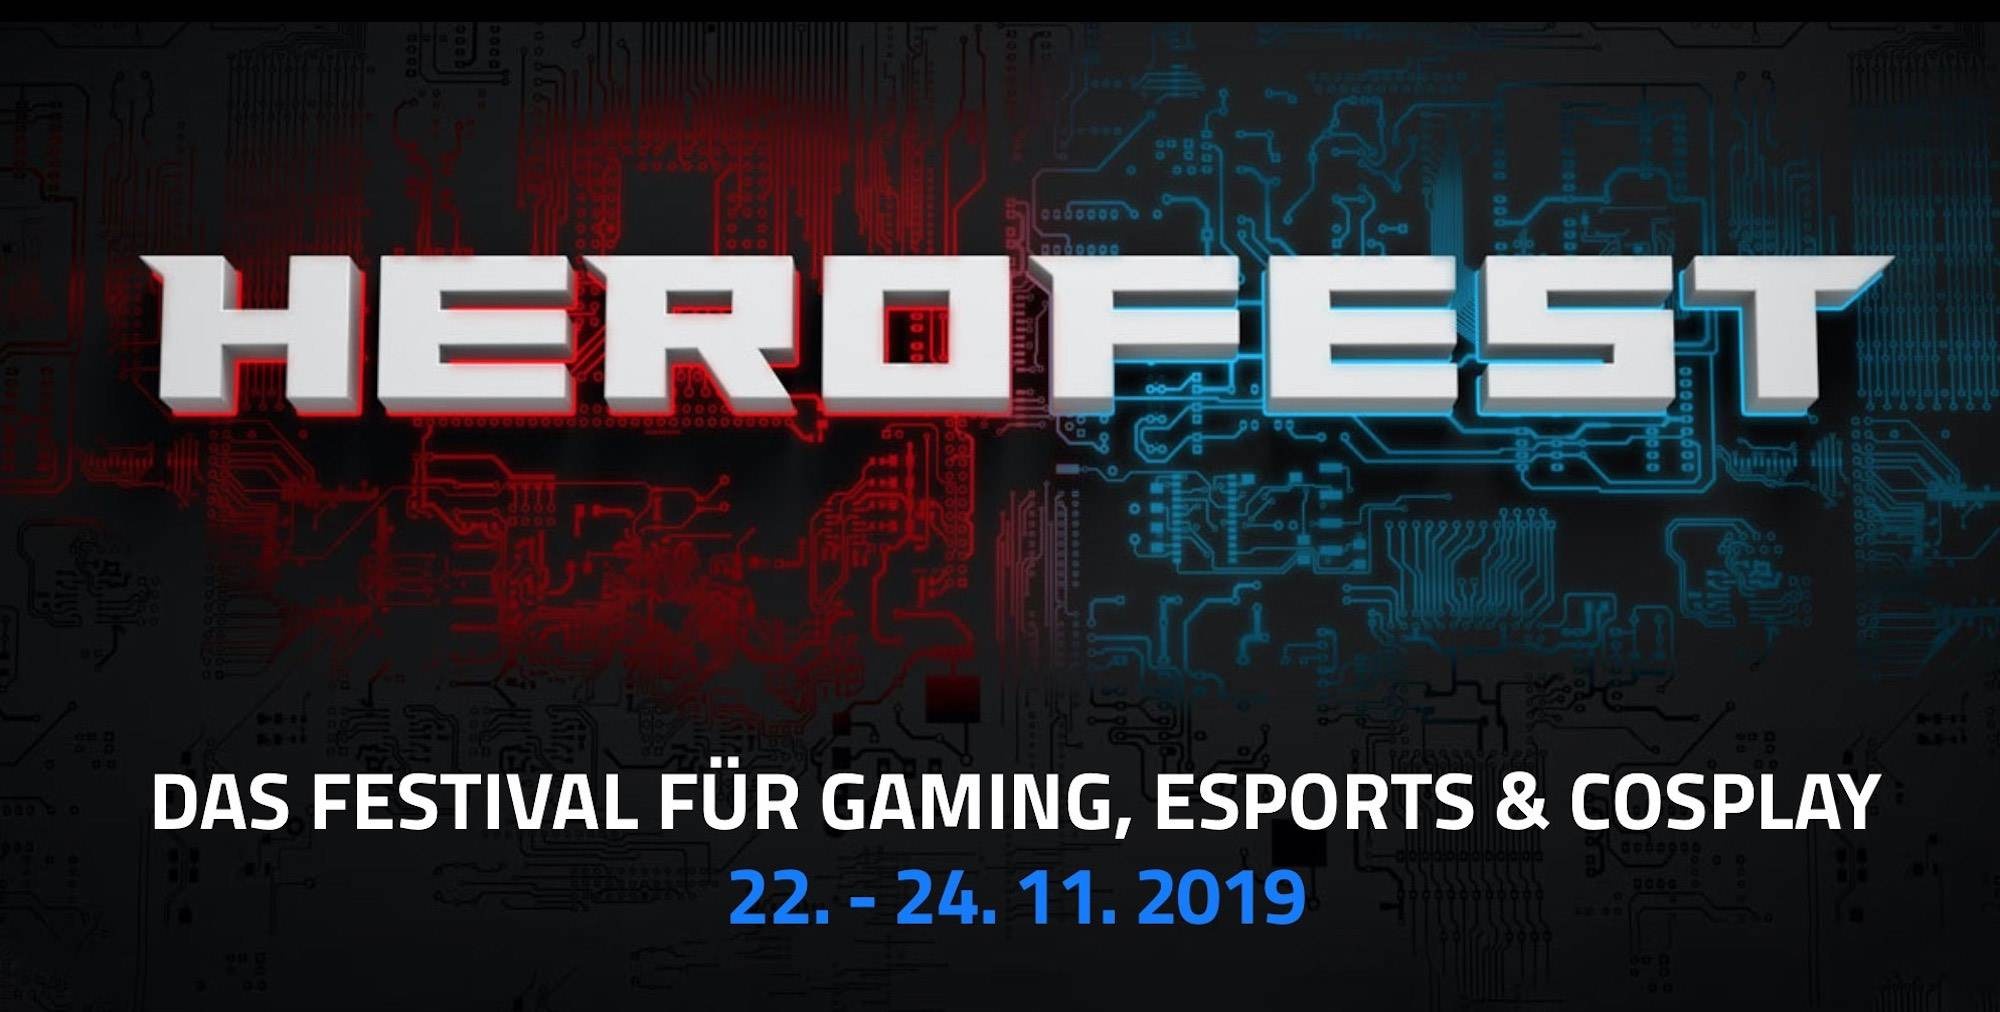 HeroFest 2019: Gaming-Event auf der Bernexpo geht in die zweite Runde